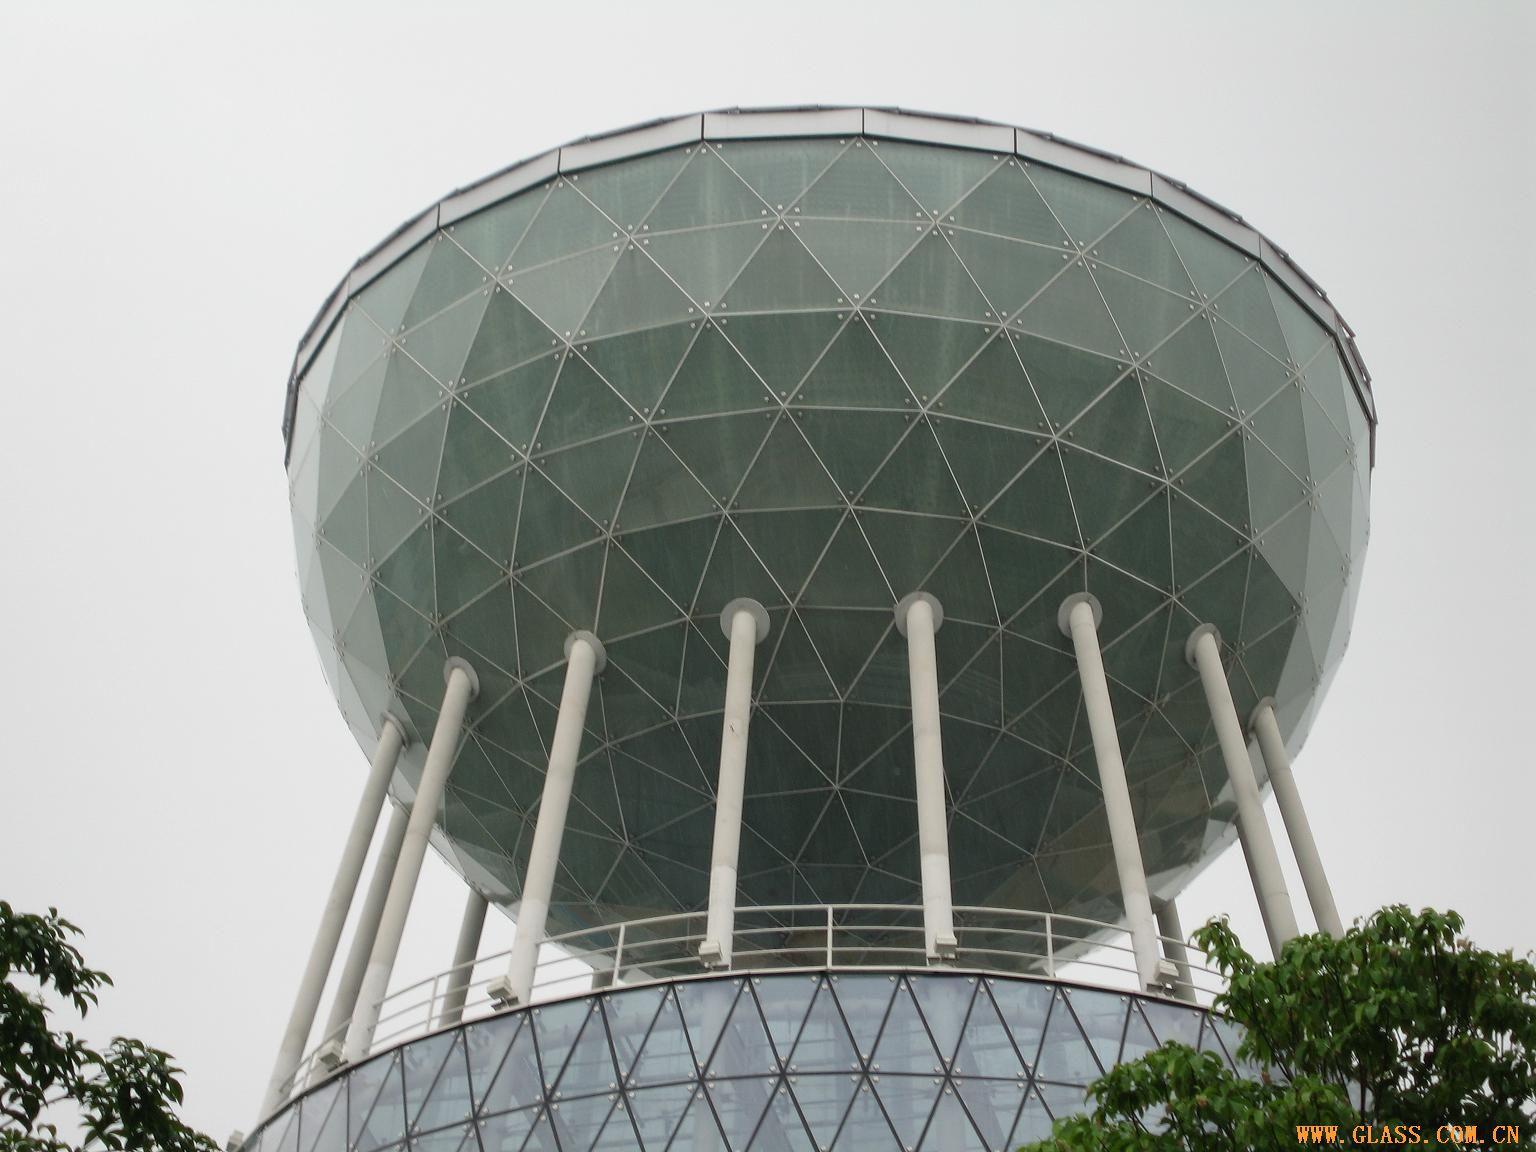 装饰镜,low-e玻璃),钢结构工程,玻璃幕墙工程,是建筑商,幕墙公司,酒楼